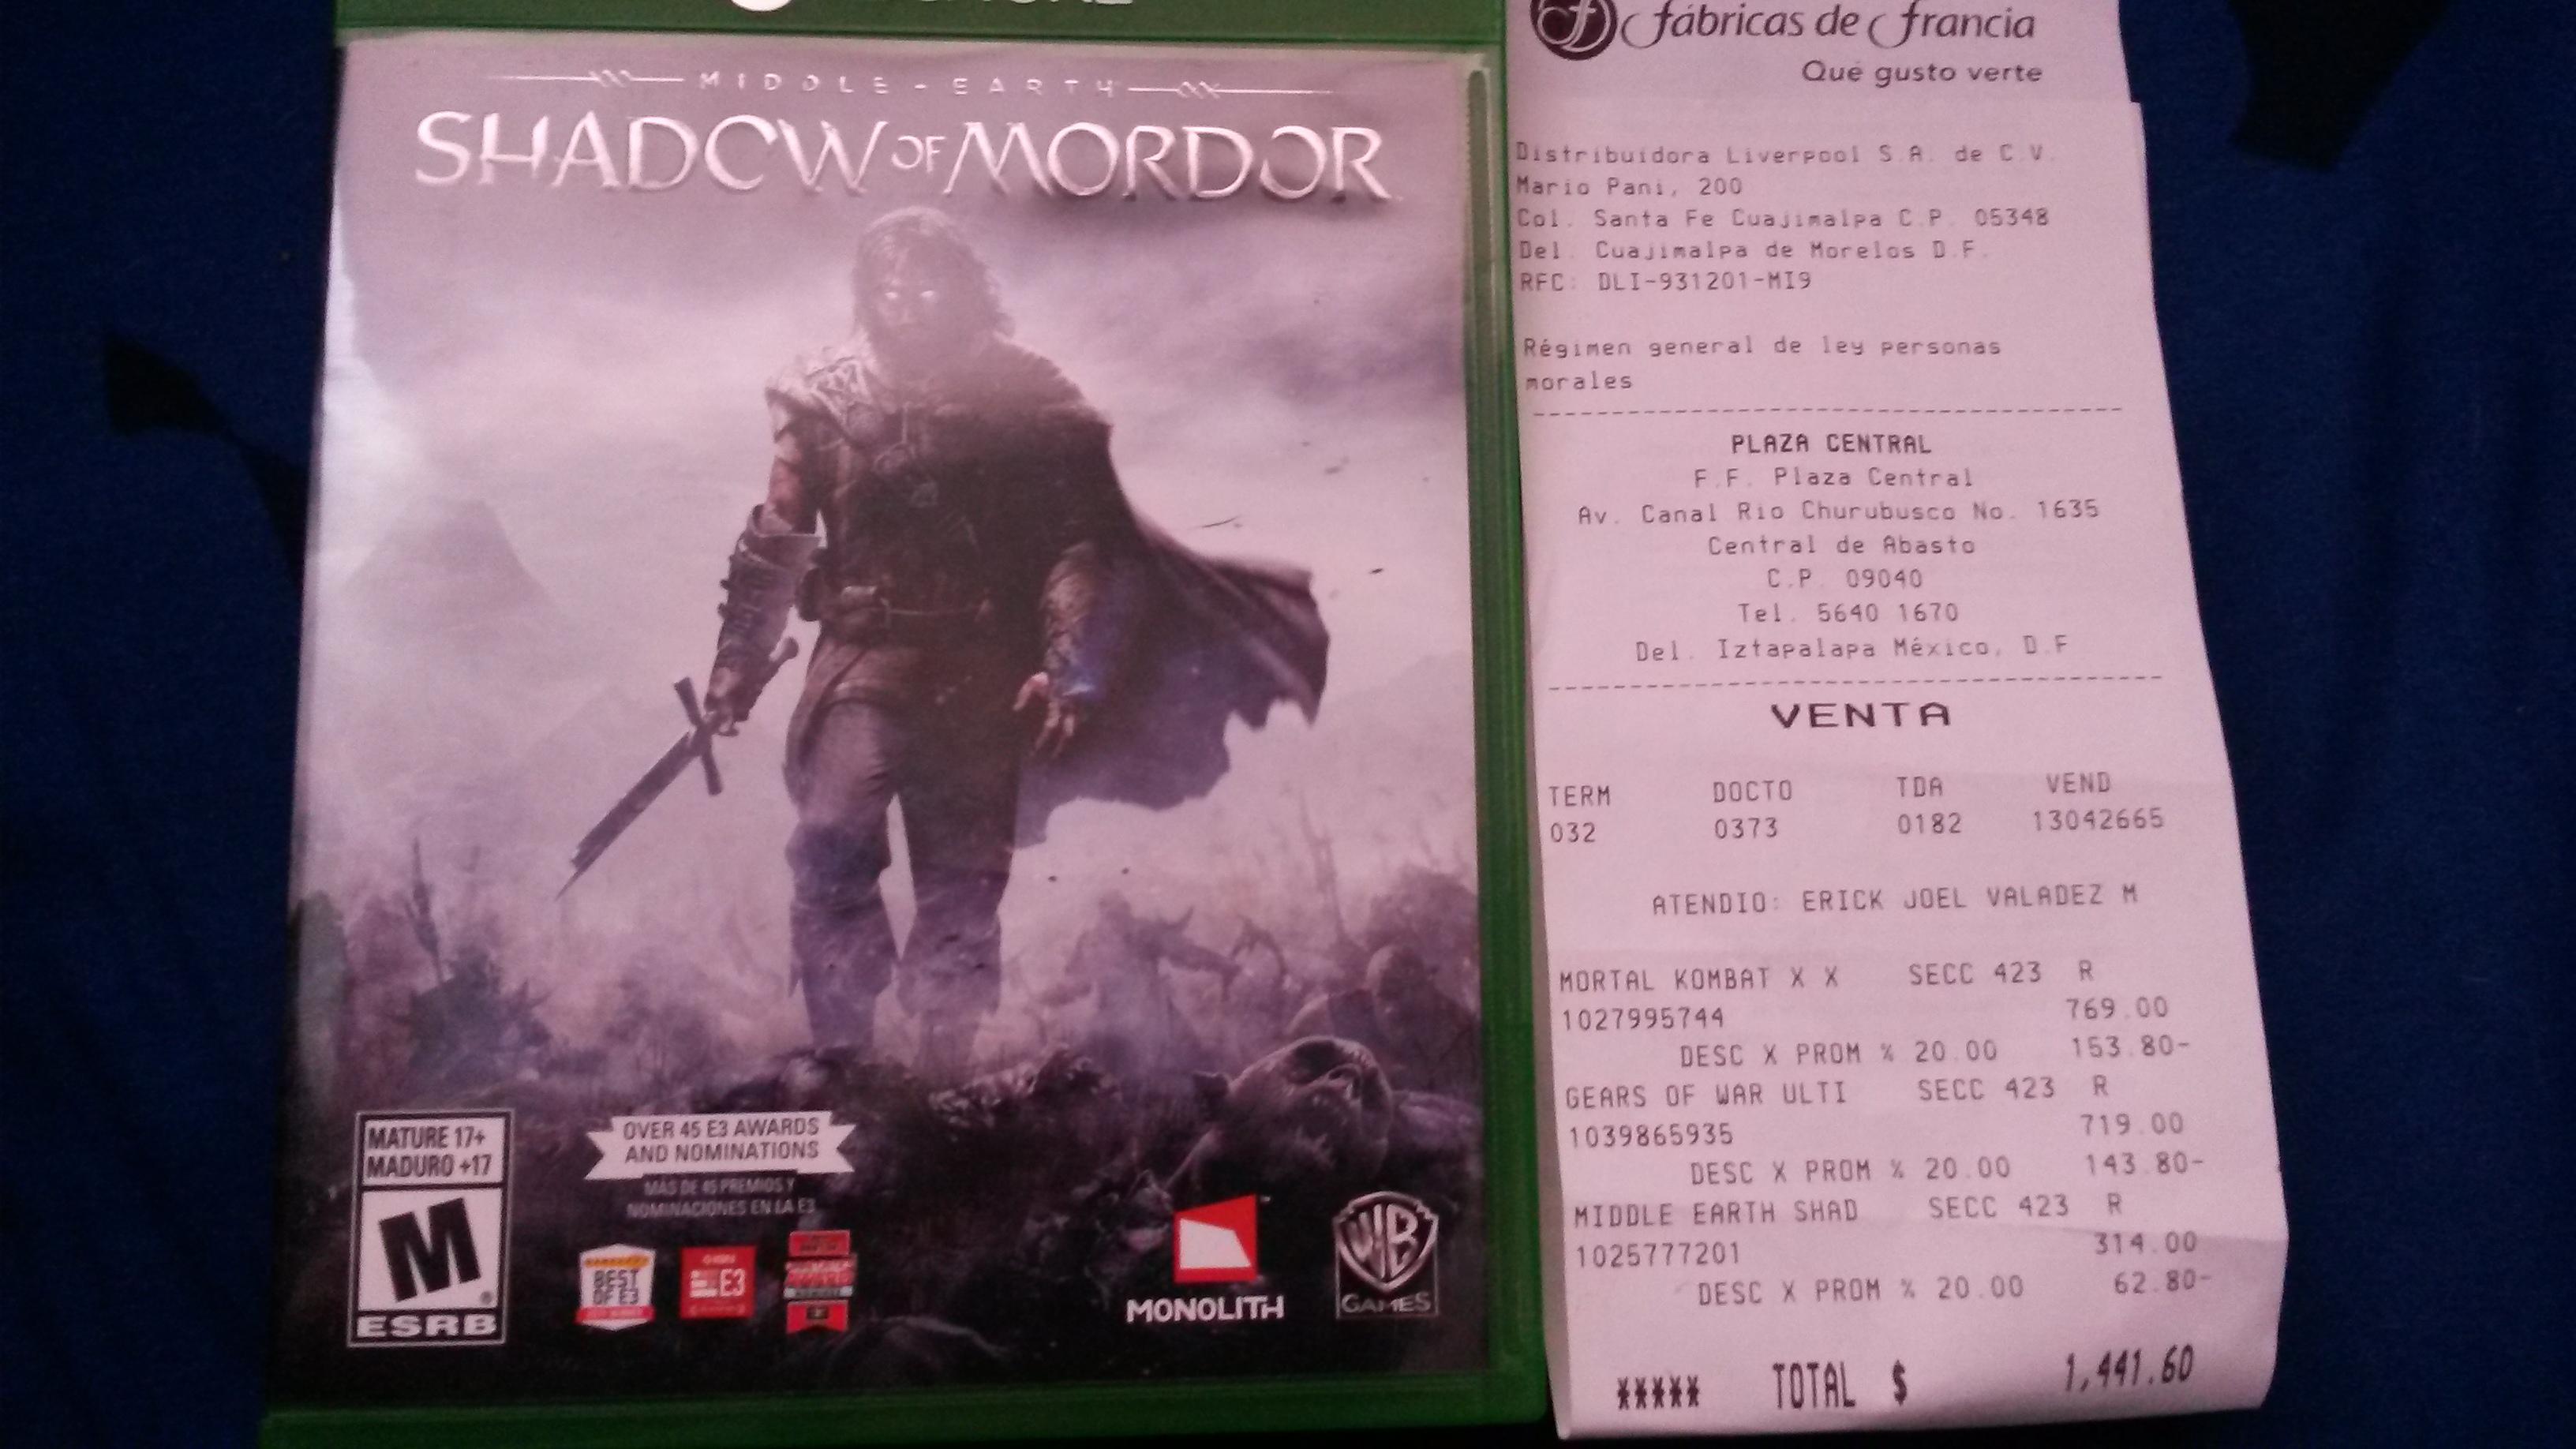 Fábricas de Francia (¿Livepool?): Shadow of mordor xbox one $251